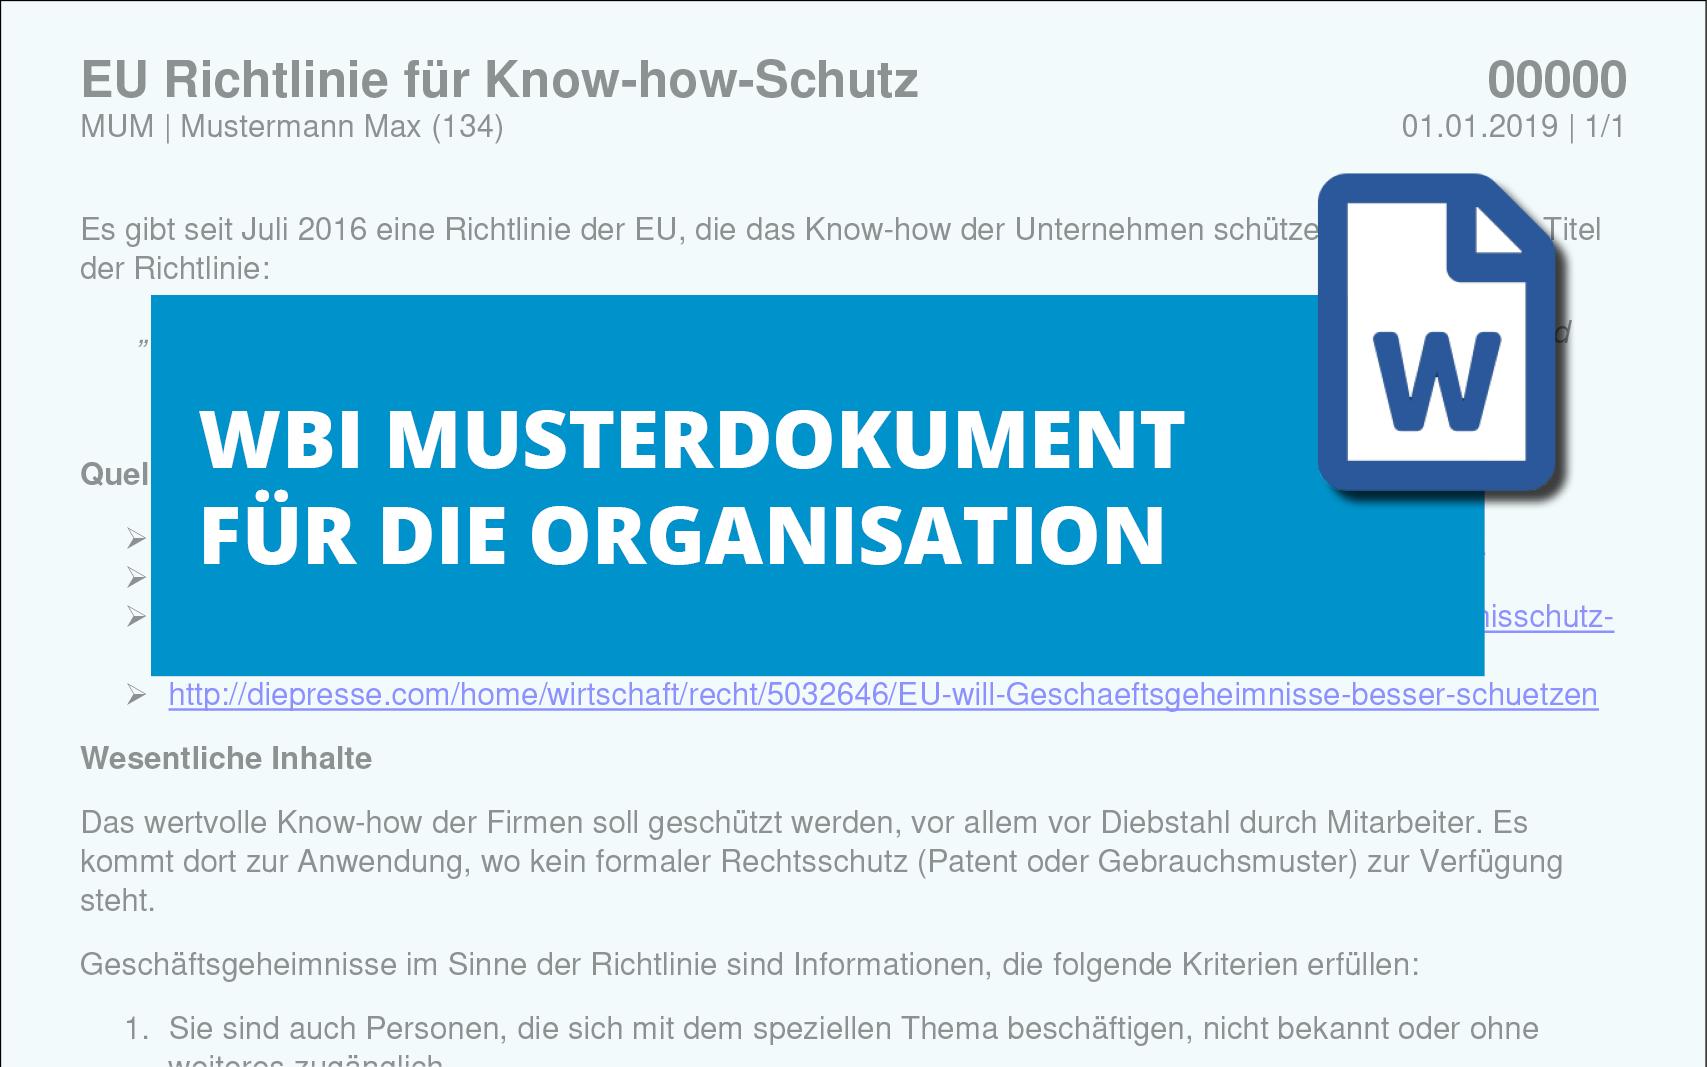 eu-richtlinie-fuer-know-how-schutz